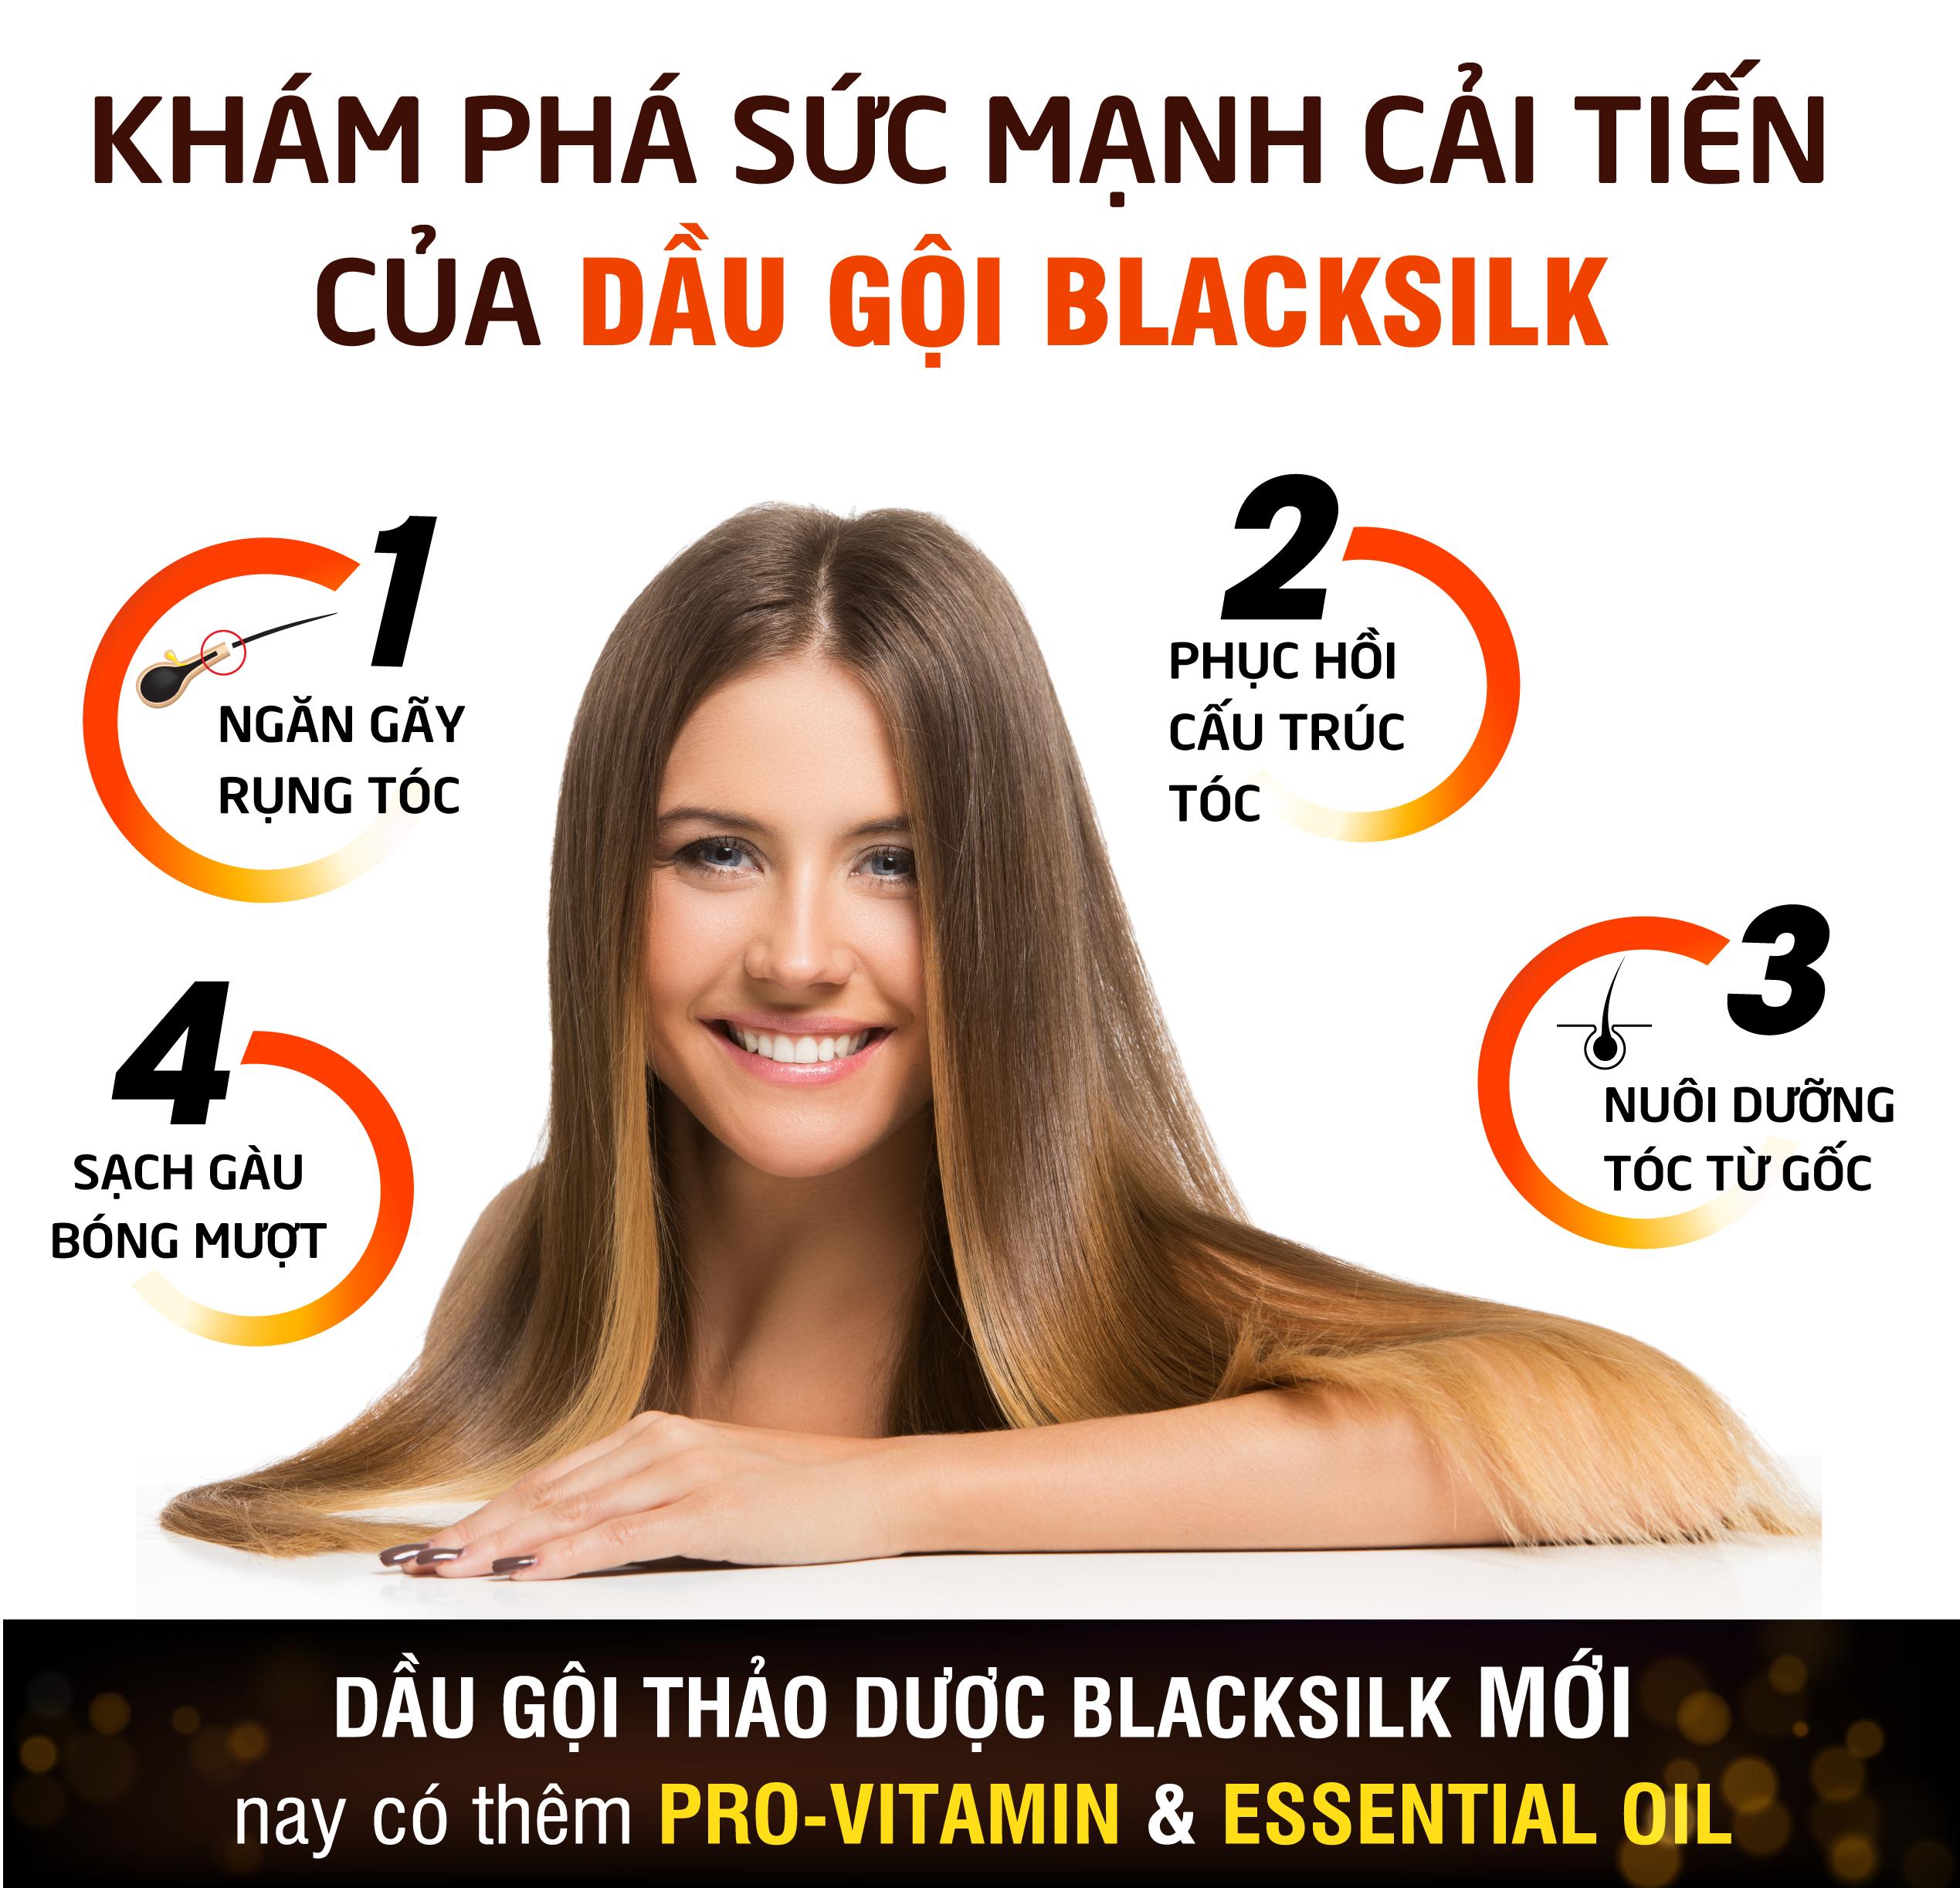 [2 chai] Dầu gội thảo dược Blacksilk - Kích mọc tóc, tái tạo nang tóc đen, giảm gãy rụng tóc, nuôi dưỡng tóc từ gốc. Sản phẩm của Vioba, chai 500ml